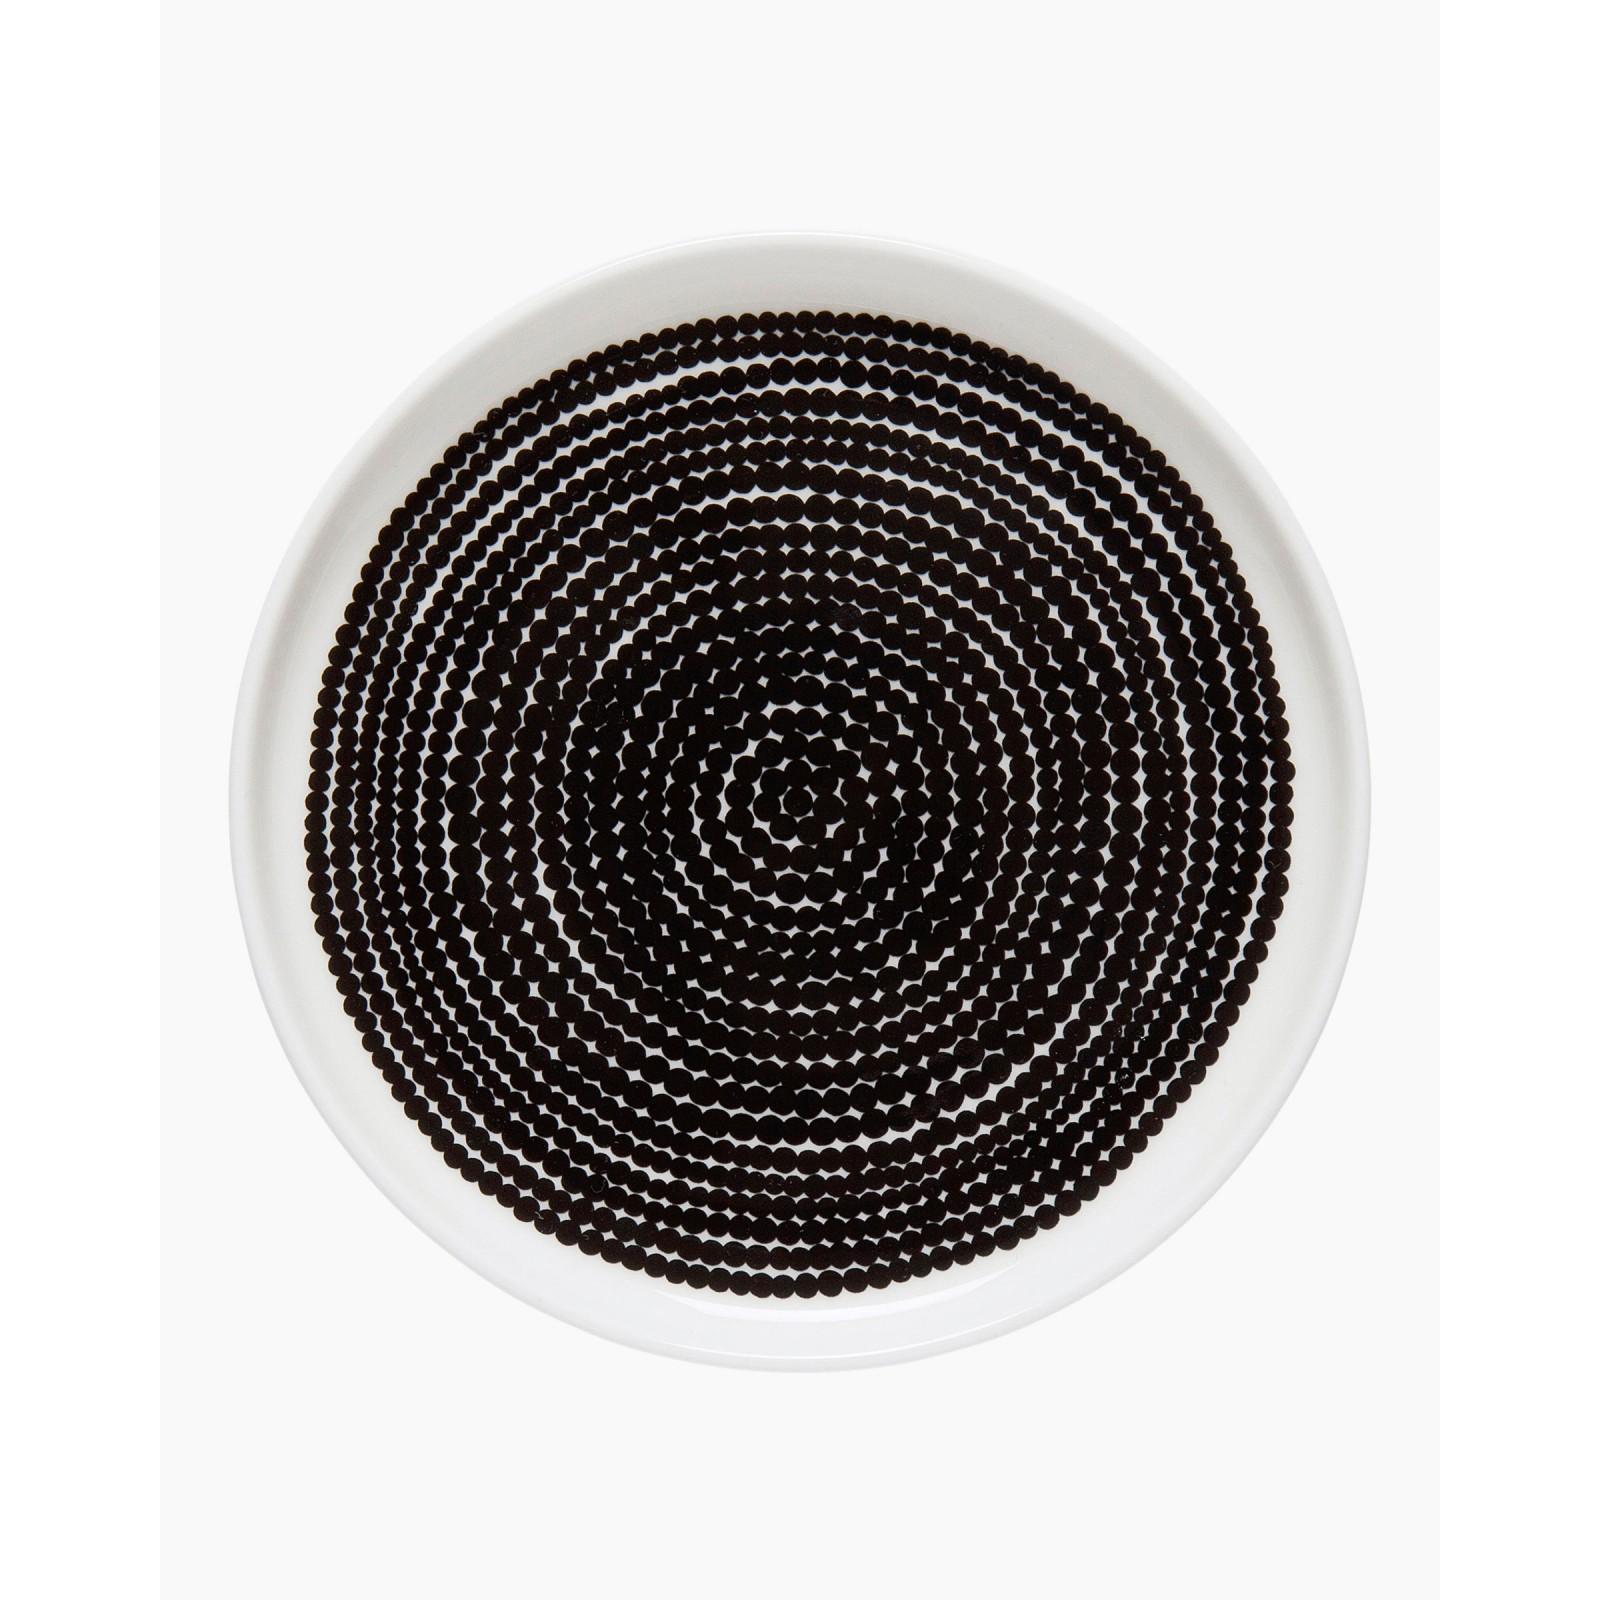 Marimekko Rasymatto Plate 13,5cm black